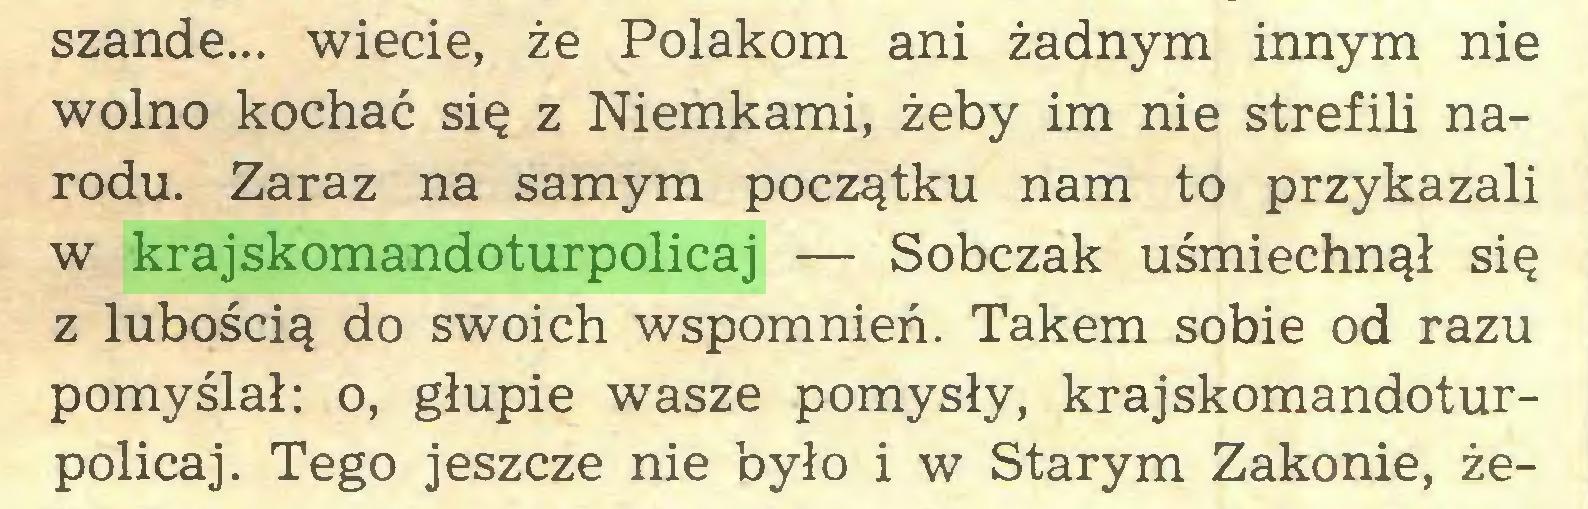 (...) szande... wiecie, że Polakom ani żadnym innym nie wolno kochać się z Niemkami, żeby im nie strefili narodu. Zaraz na samym początku nam to przykazali w krajskomandoturpolicaj — Sobczak uśmiechnął się z lubością do swoich wspomnień. Takem sobie od razu pomyślał: o, głupie wasze pomysły, krajskomandoturpolicaj. Tego jeszcze nie było i w Starym Zakonie, że...